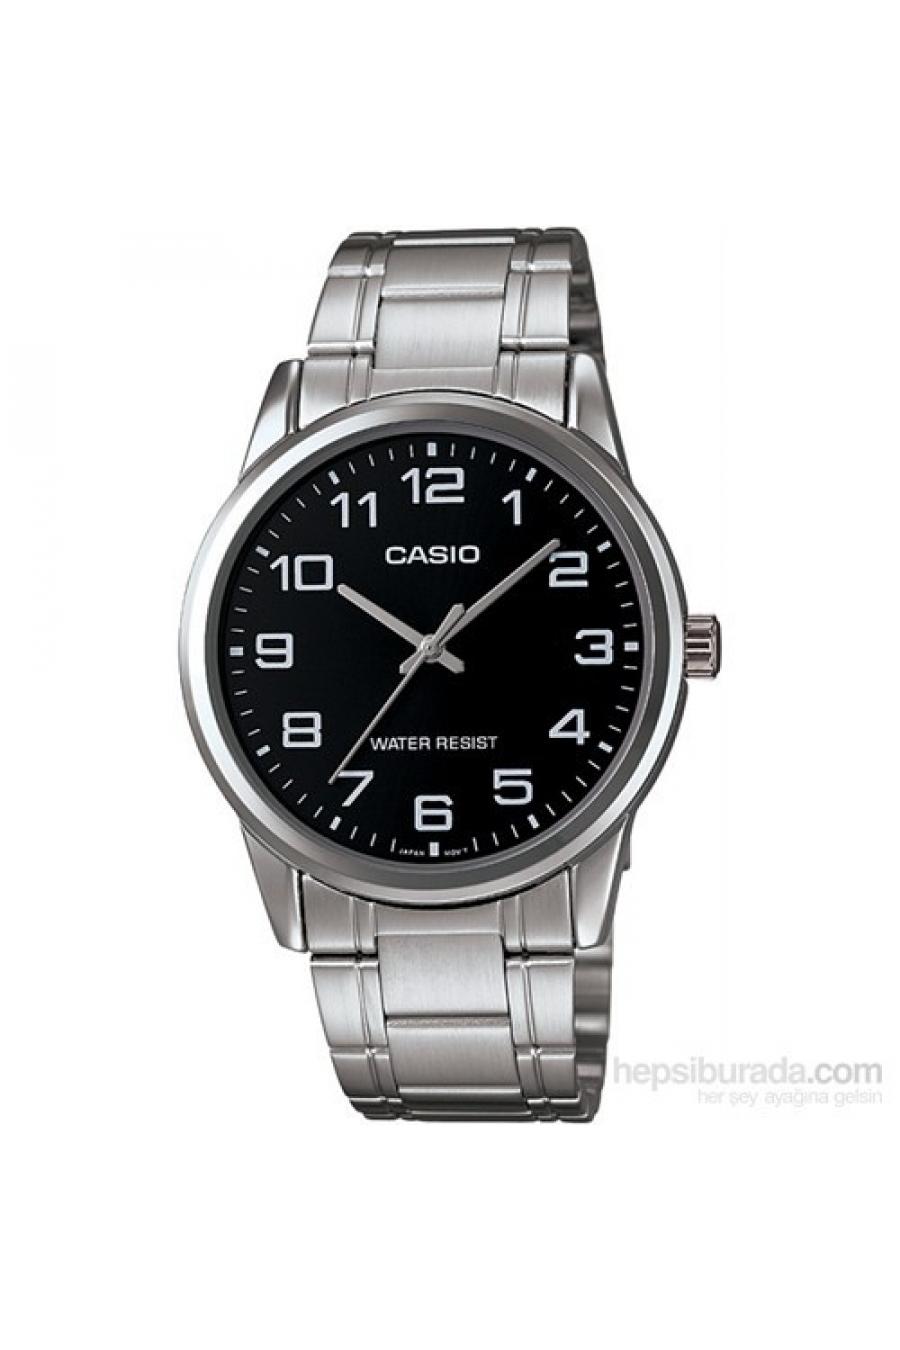 Casio Mtp V001d 7budf Kol Saati Casio